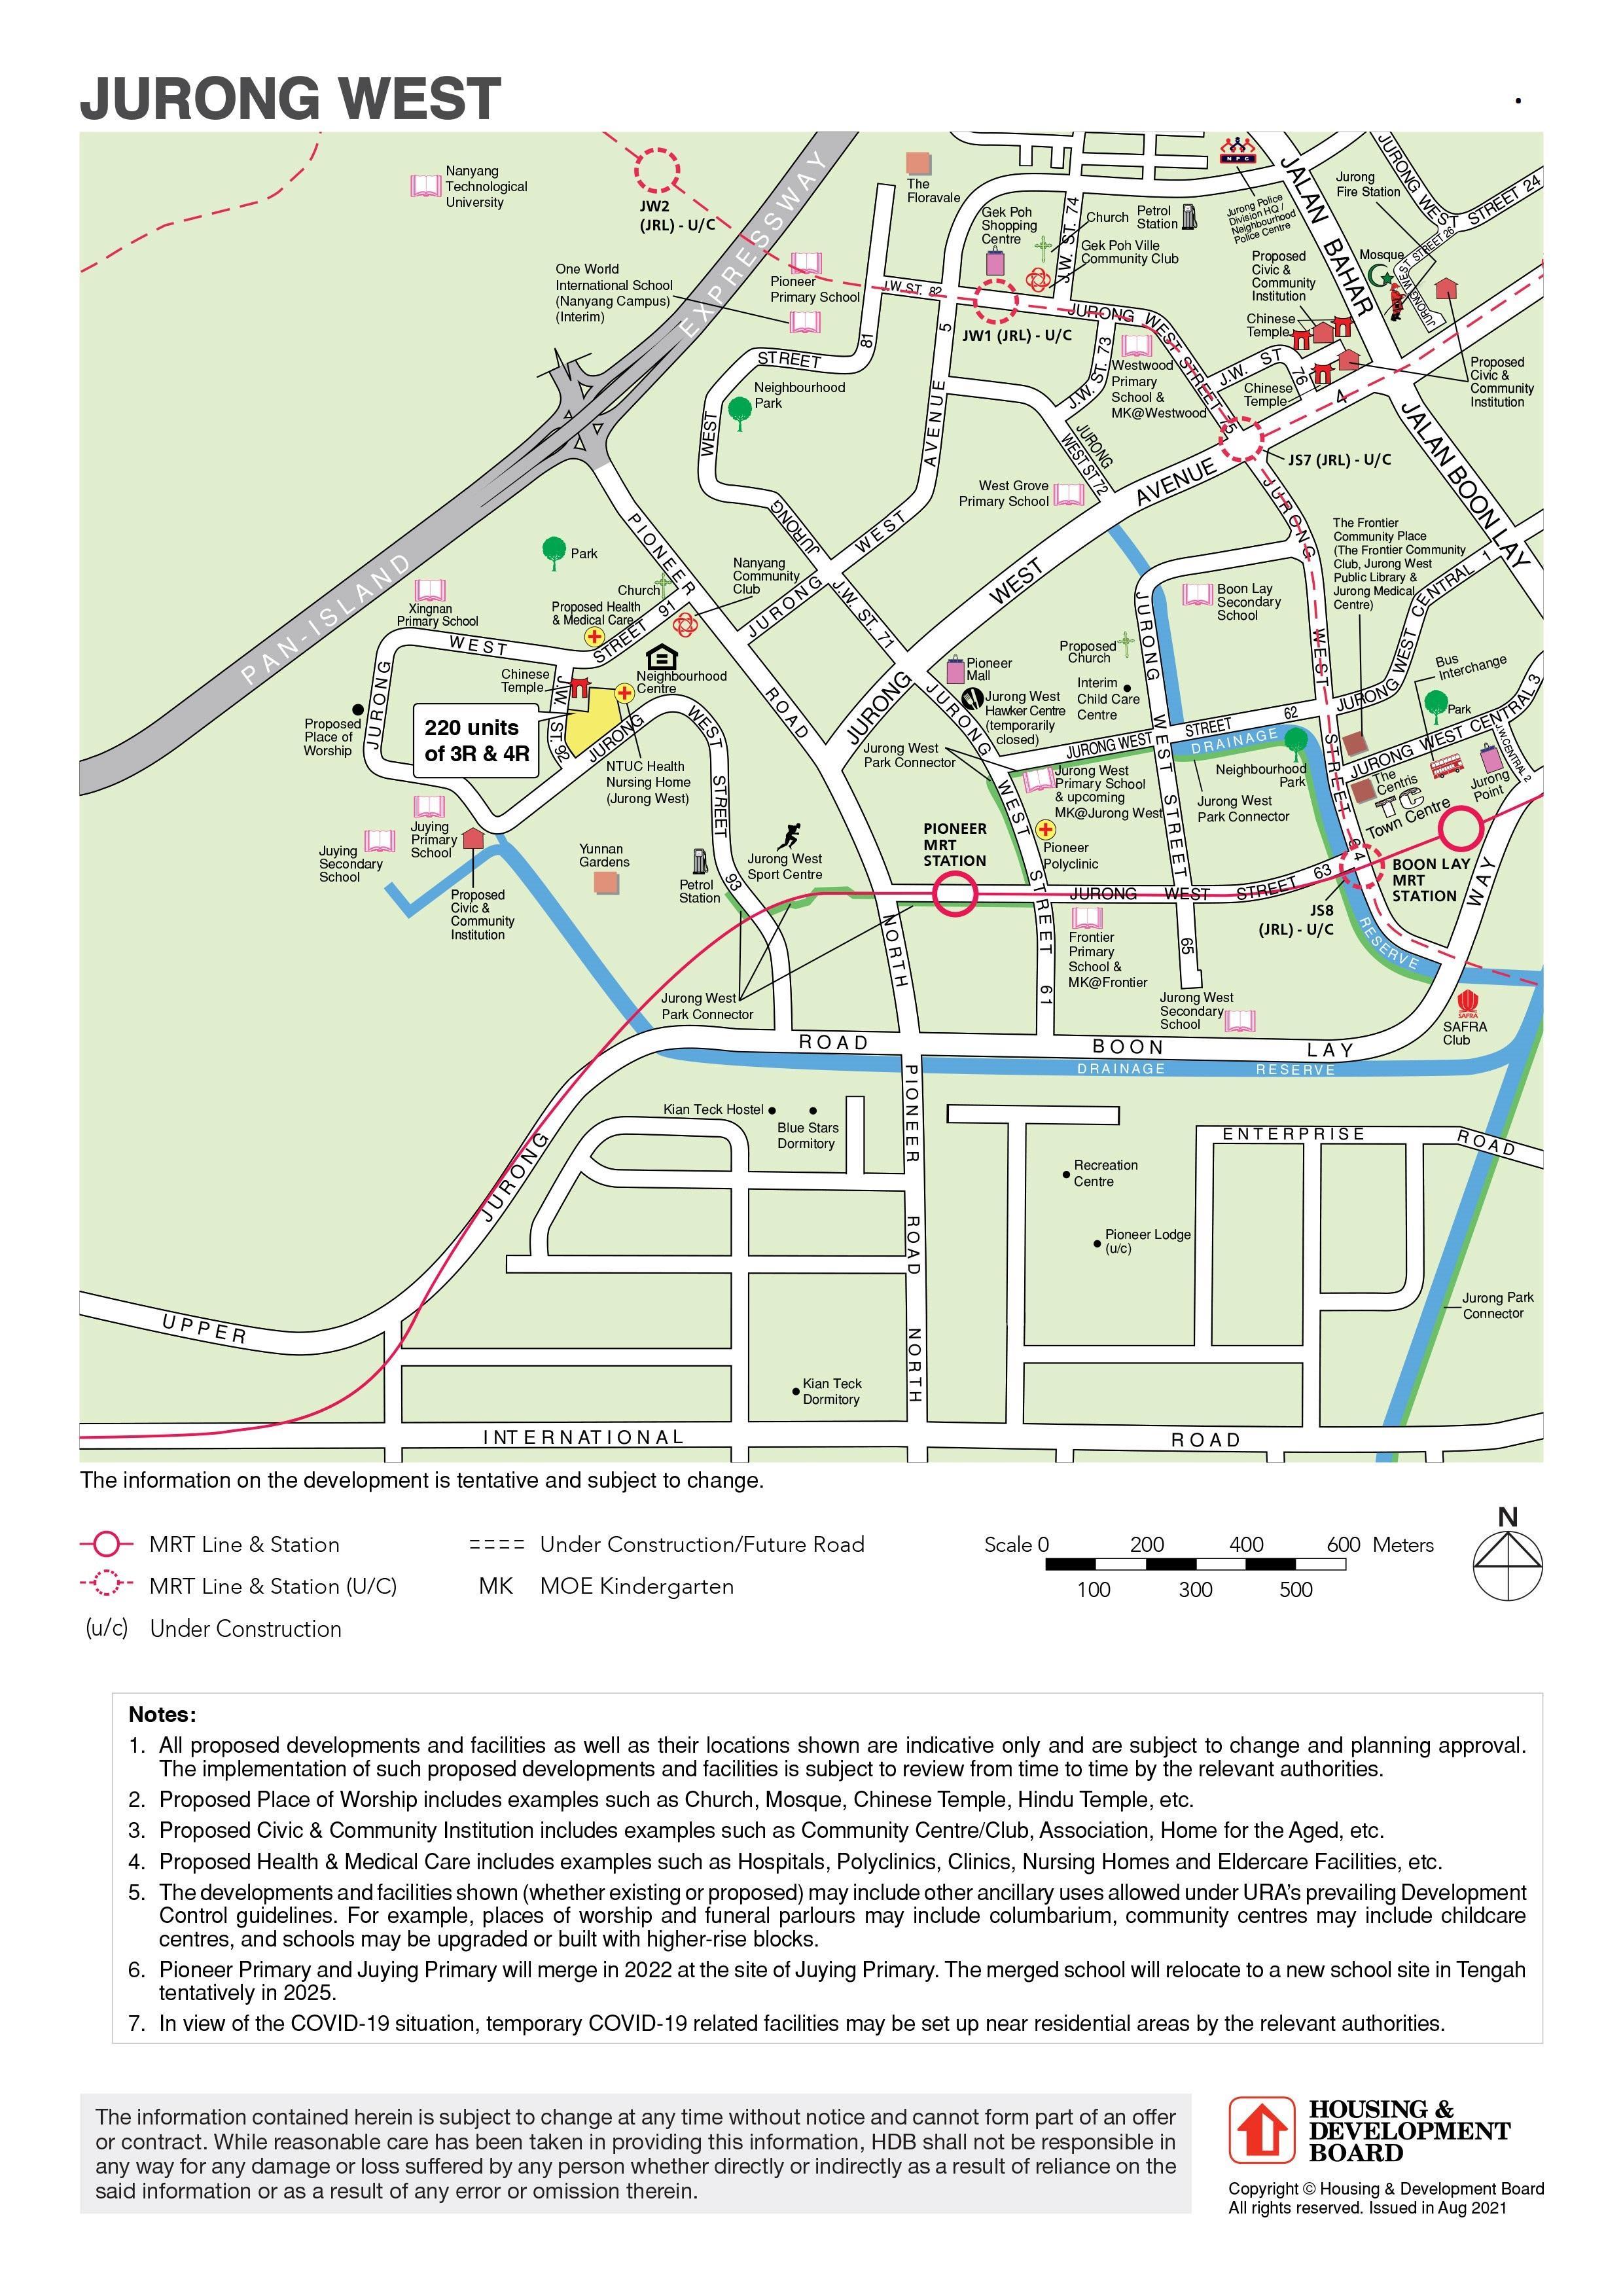 townmap_jw_n9c19.jpg